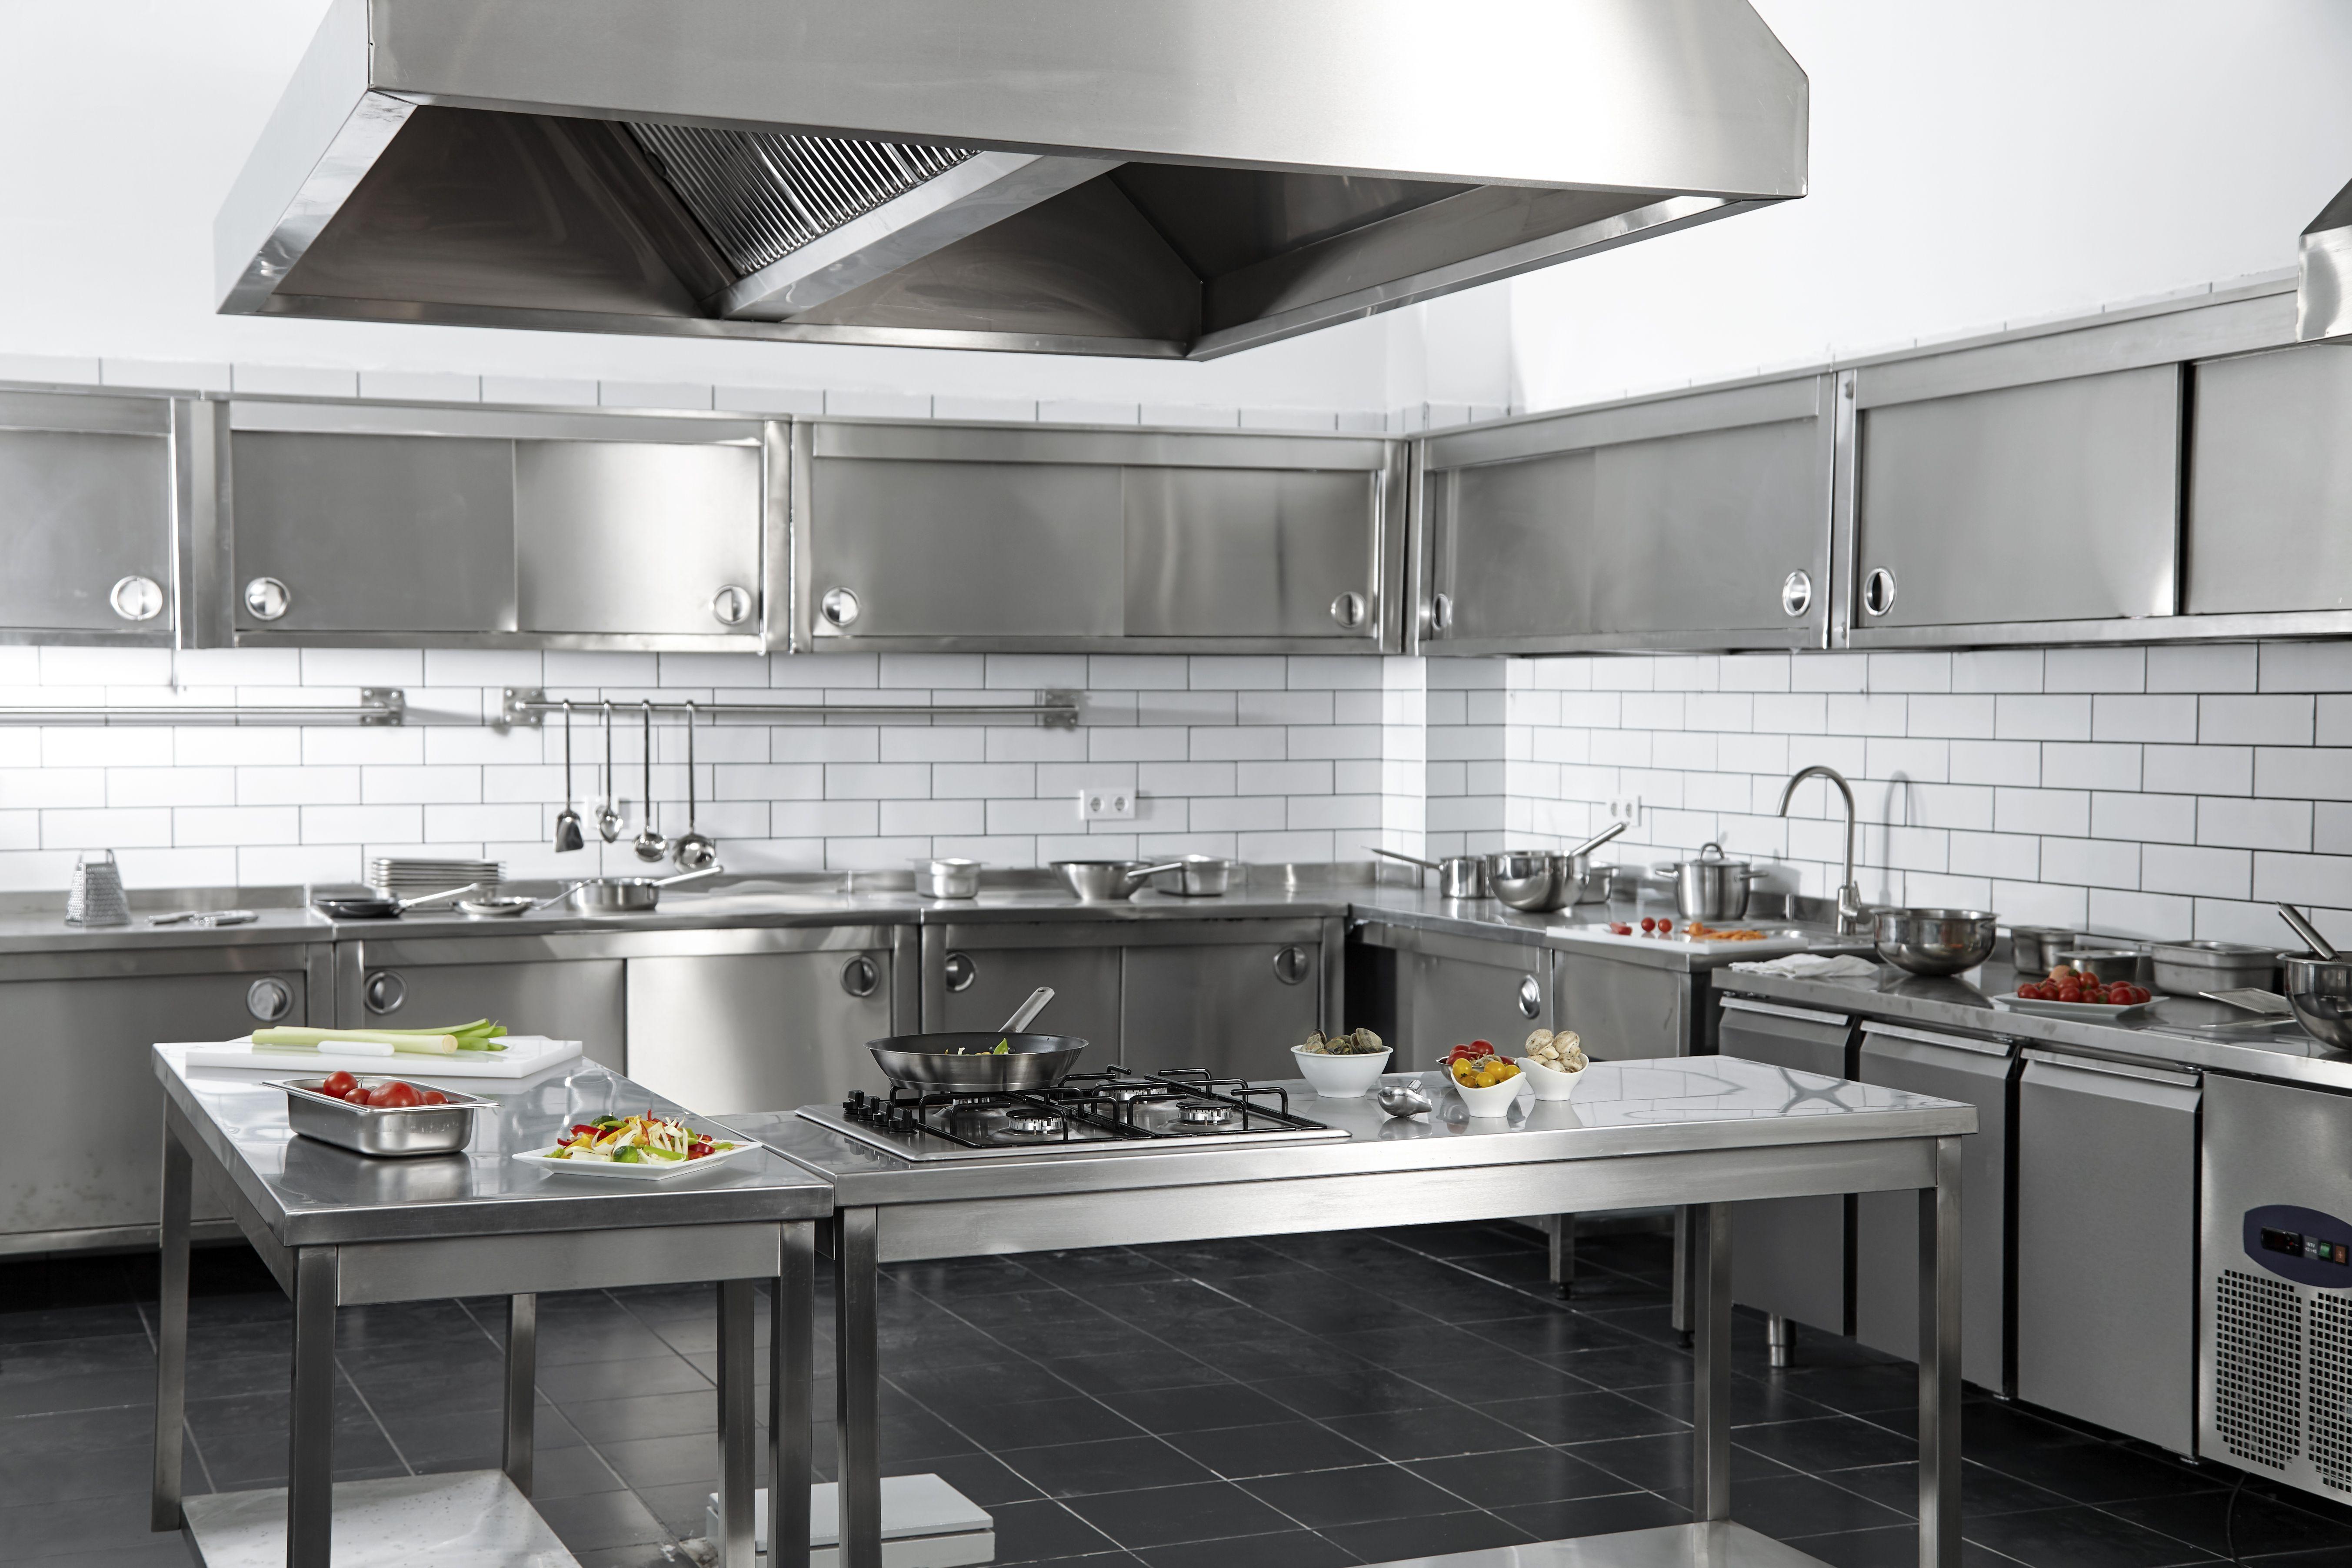 Cocinas y hornos: Productos y servicios de Frances Tomás Llobet